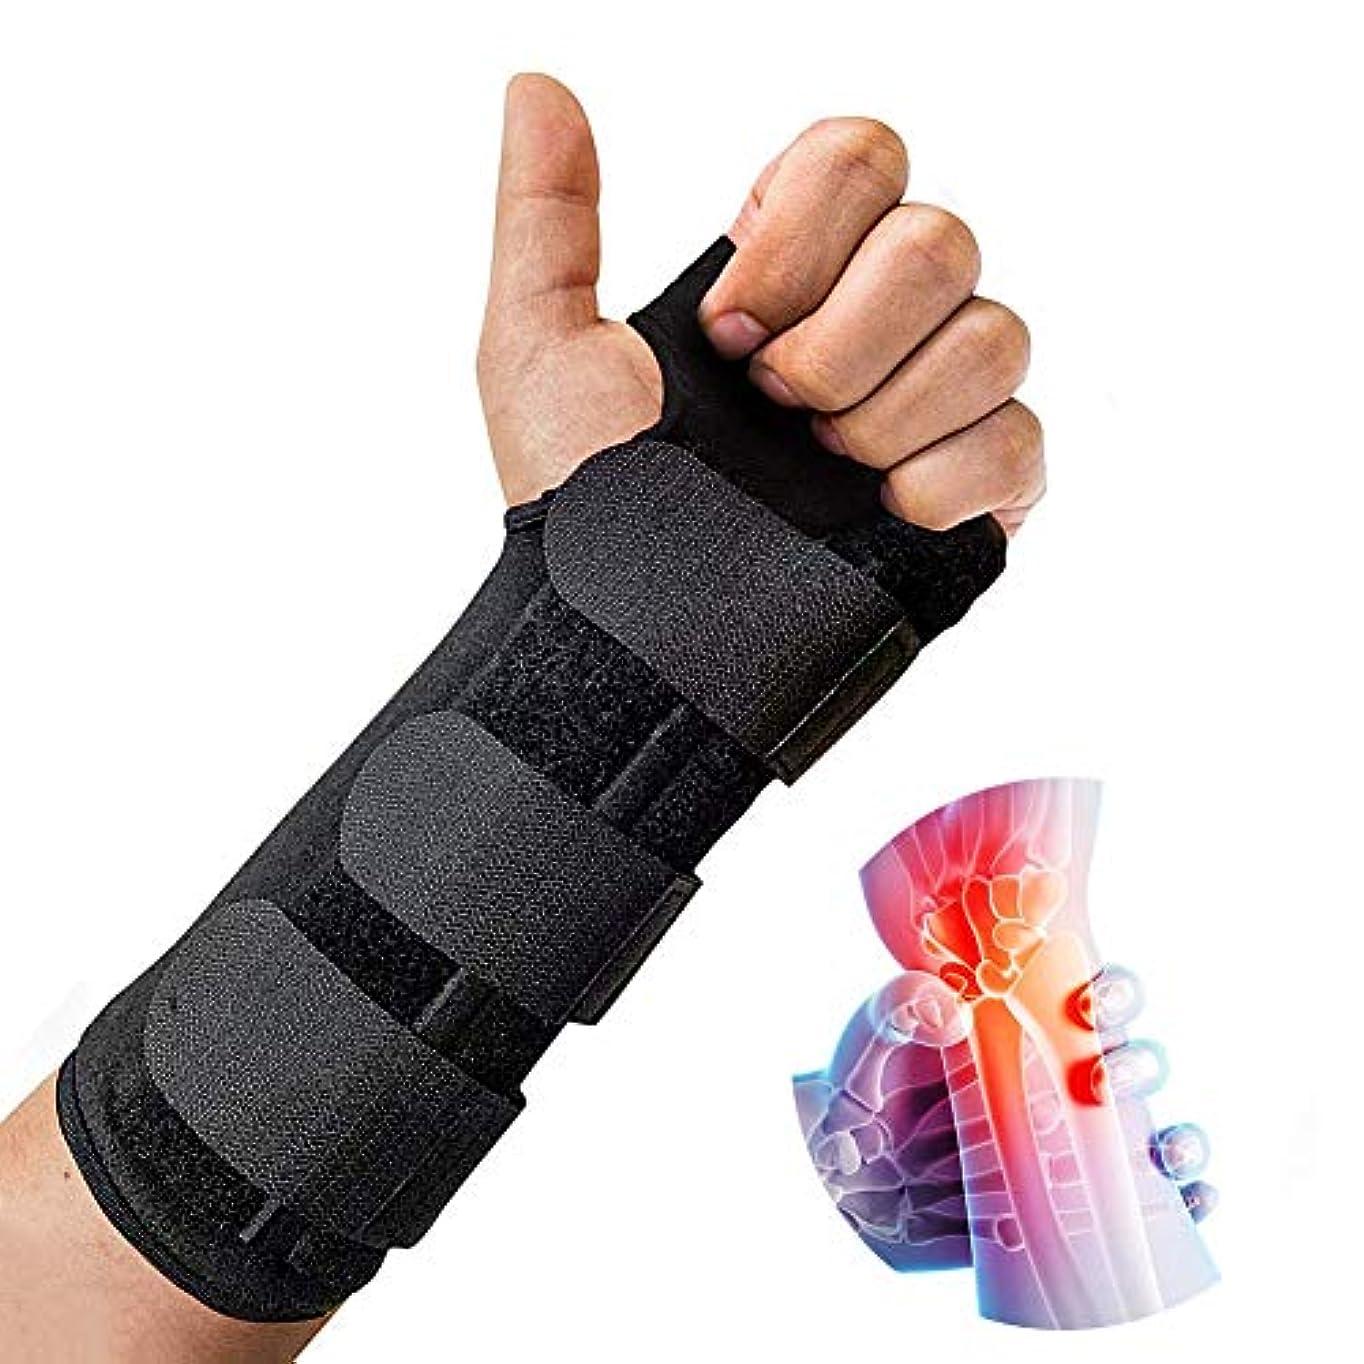 ゴミ箱コーラス起業家手首 固定 サポーター 、クッションパッド付きの調整可能な軽量スプリントは、手根管関節炎、腱炎、骨折捻Spに最適な快適さを提供します。,Left,M